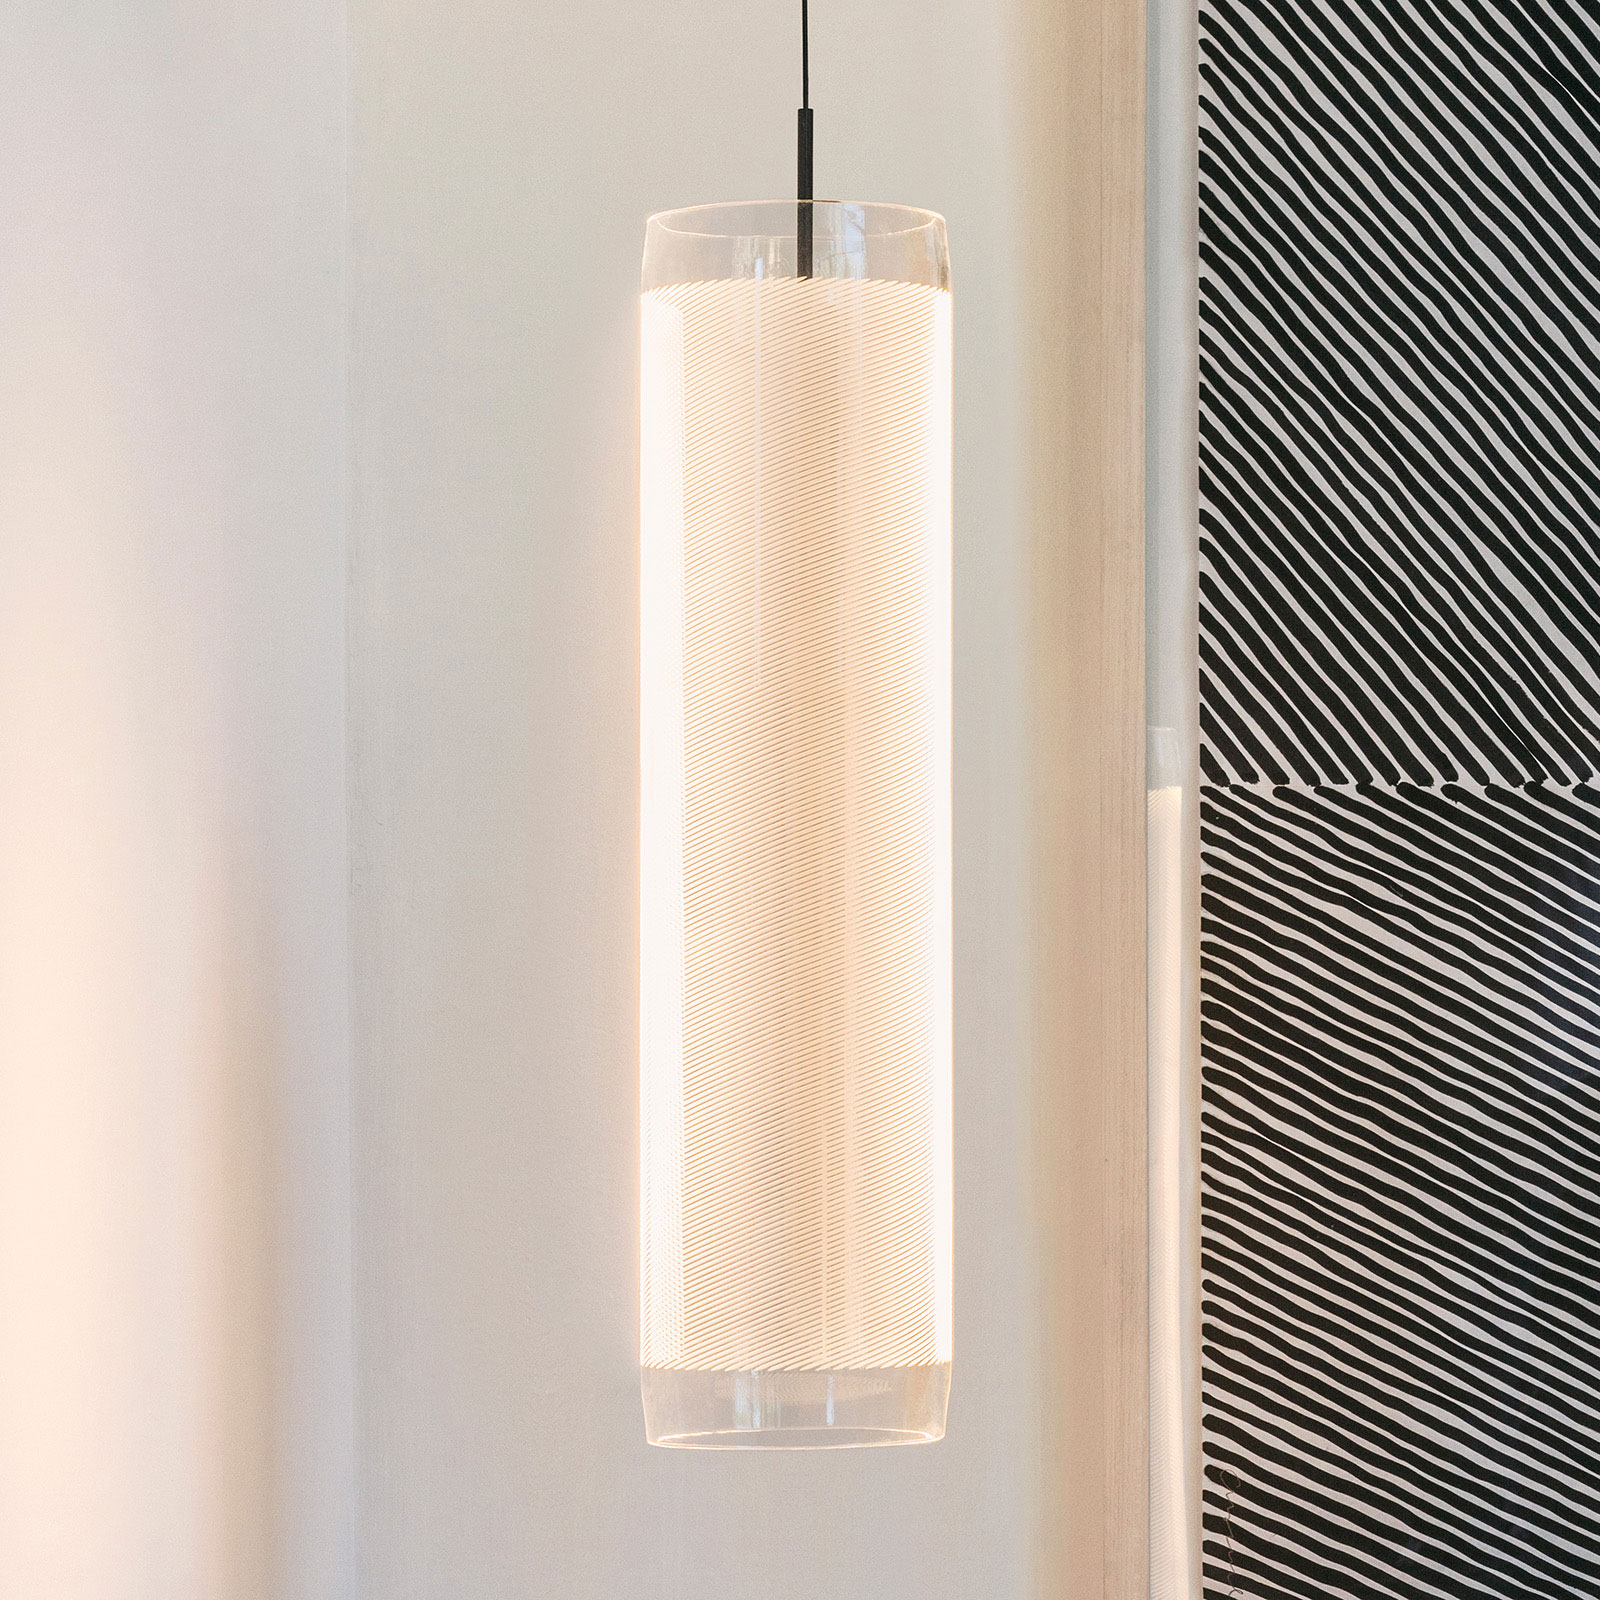 Vibia Guise 2270 LED-Hängeleuchte